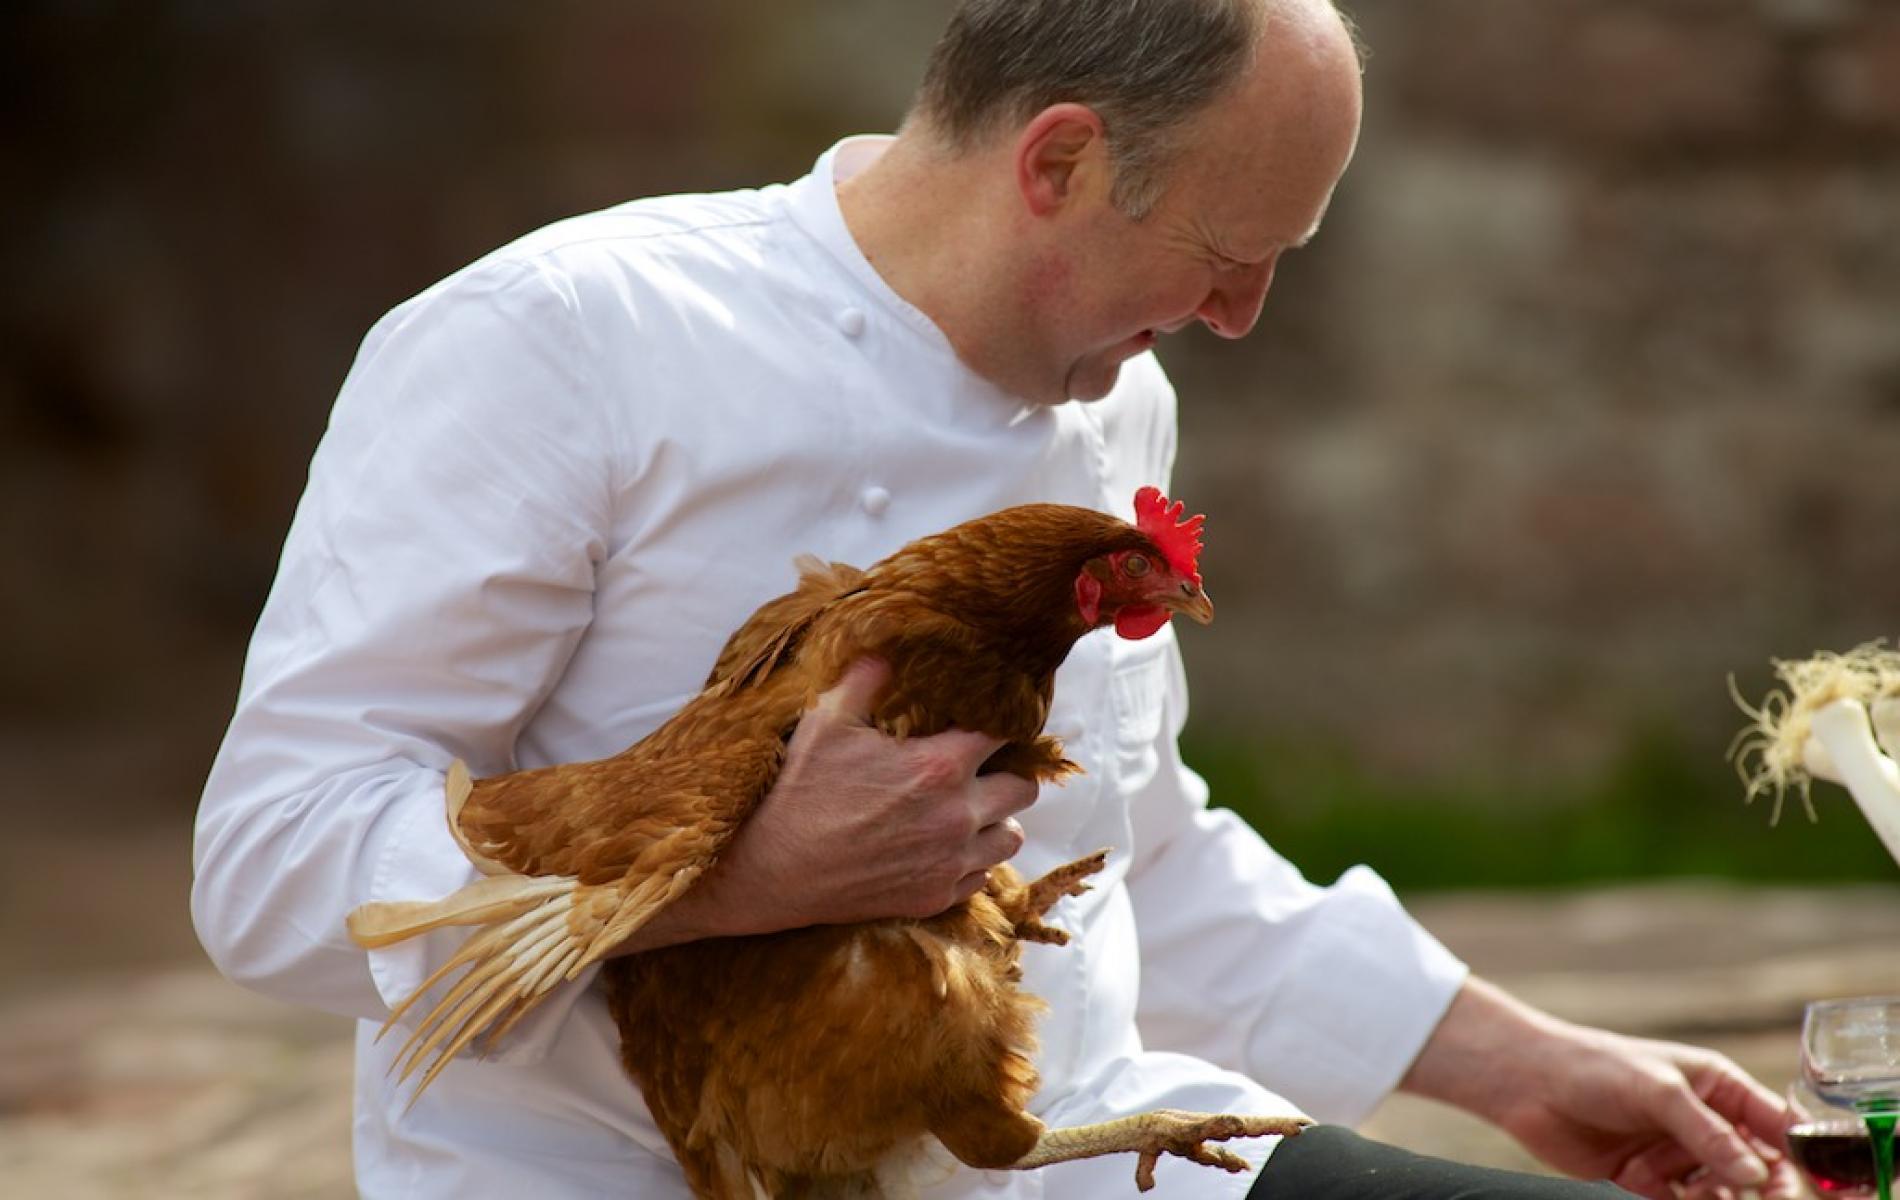 Michel Zinck, chef de cuisine